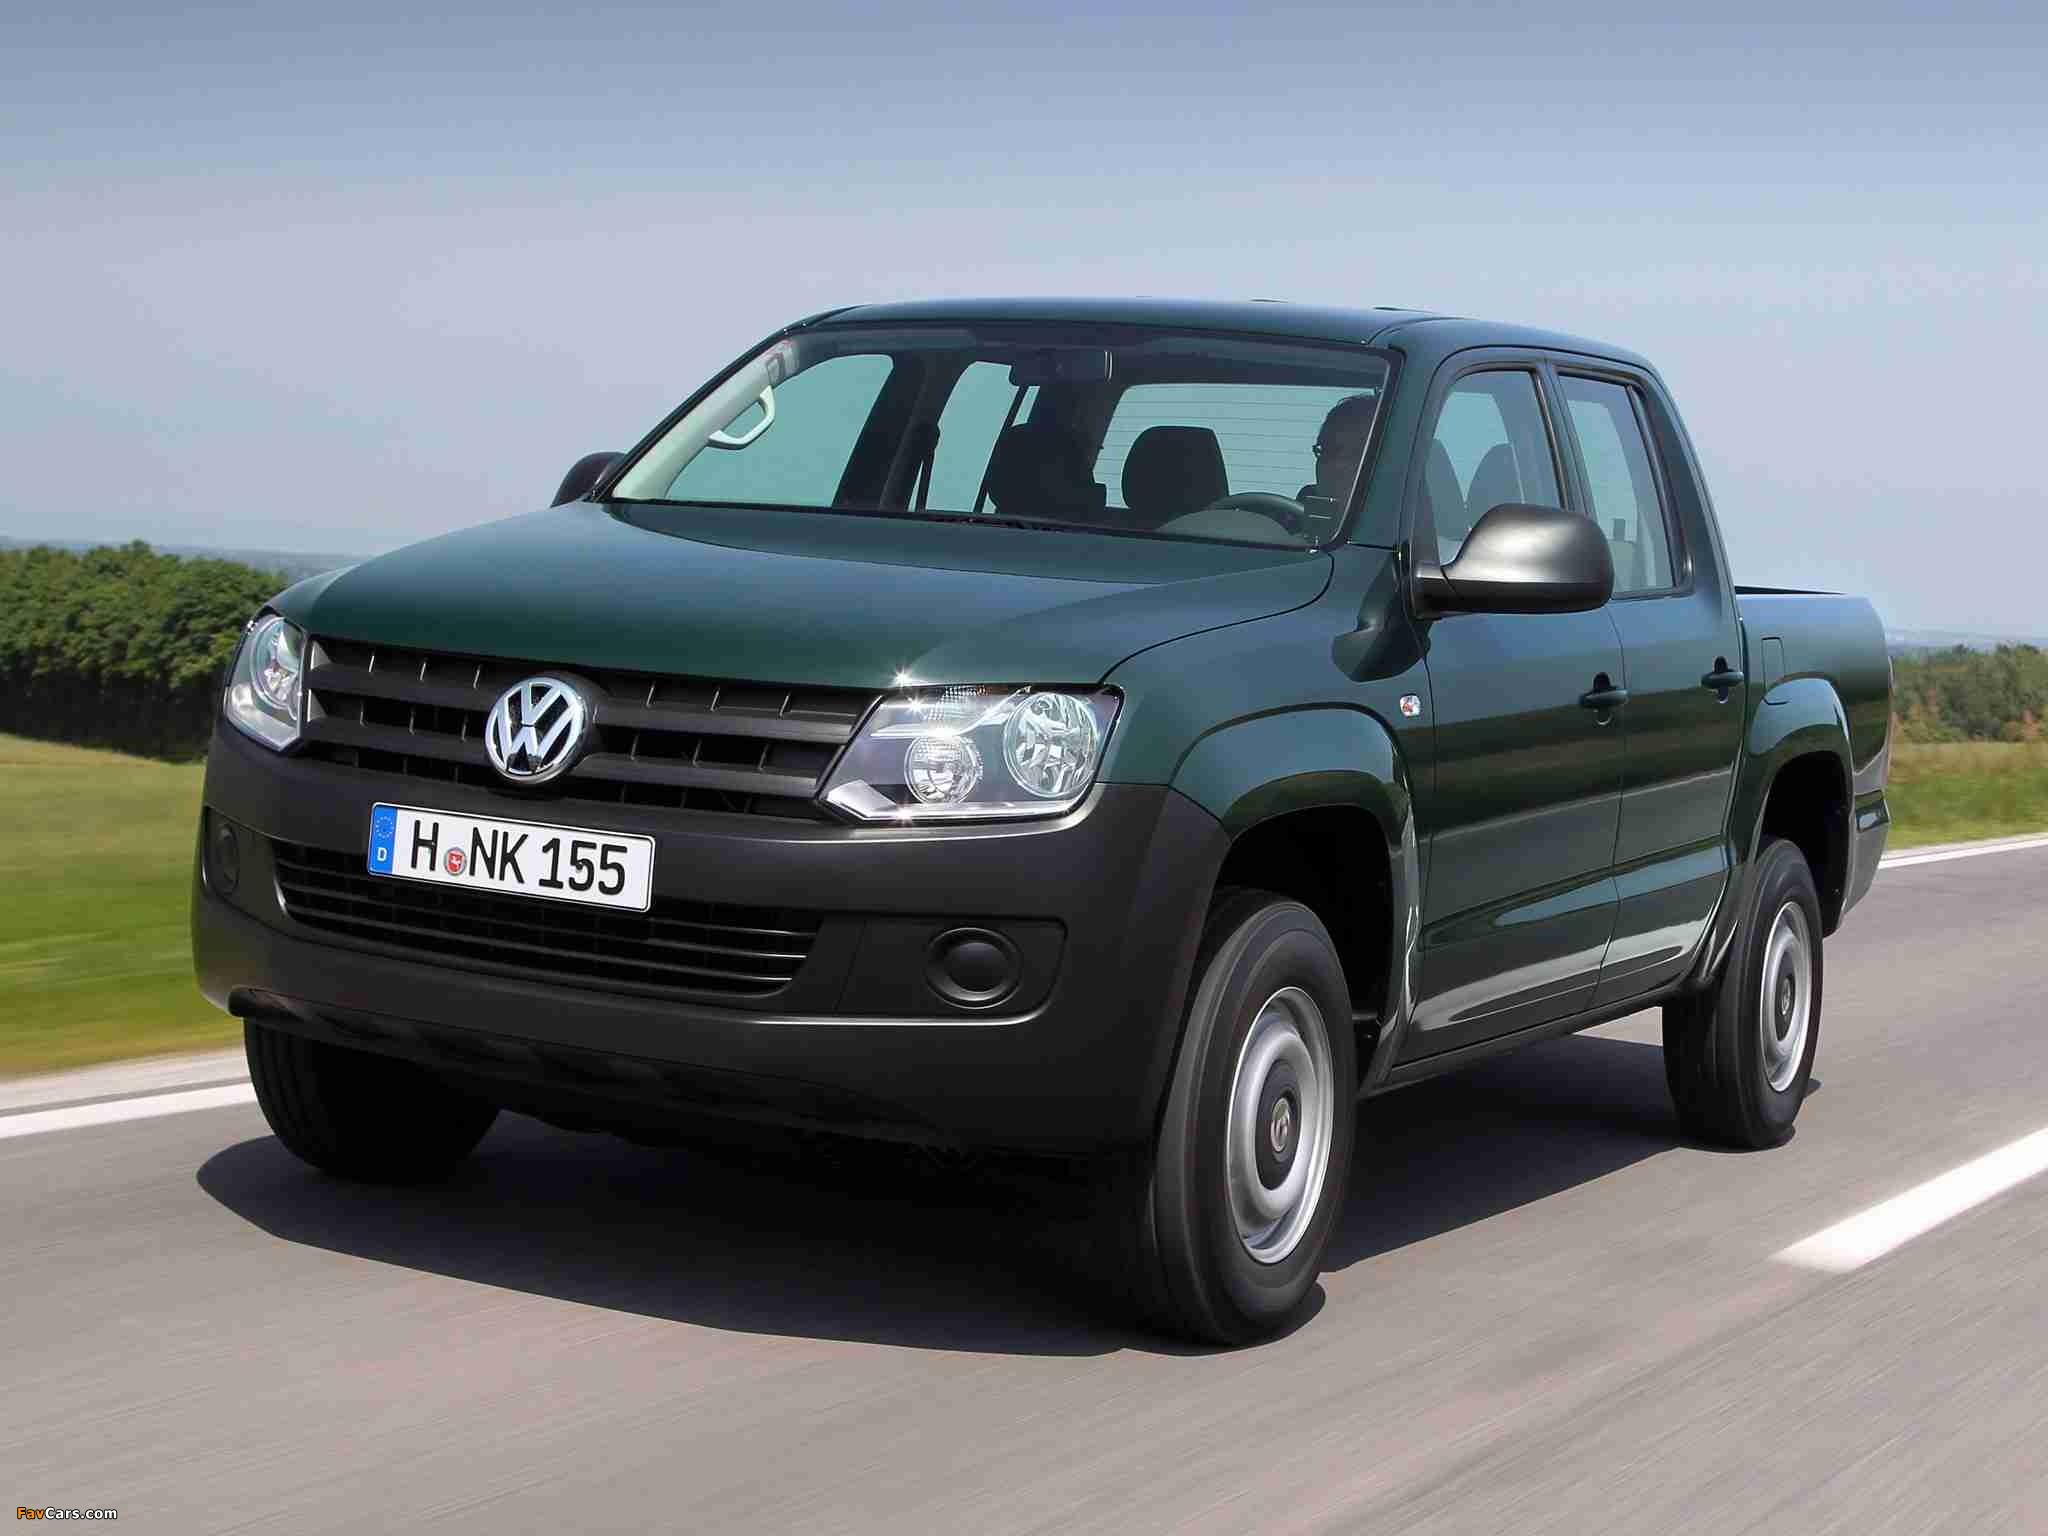 Volkswagen Amarok Double Cab Trendline 2010 pictures (2048 x 1536)